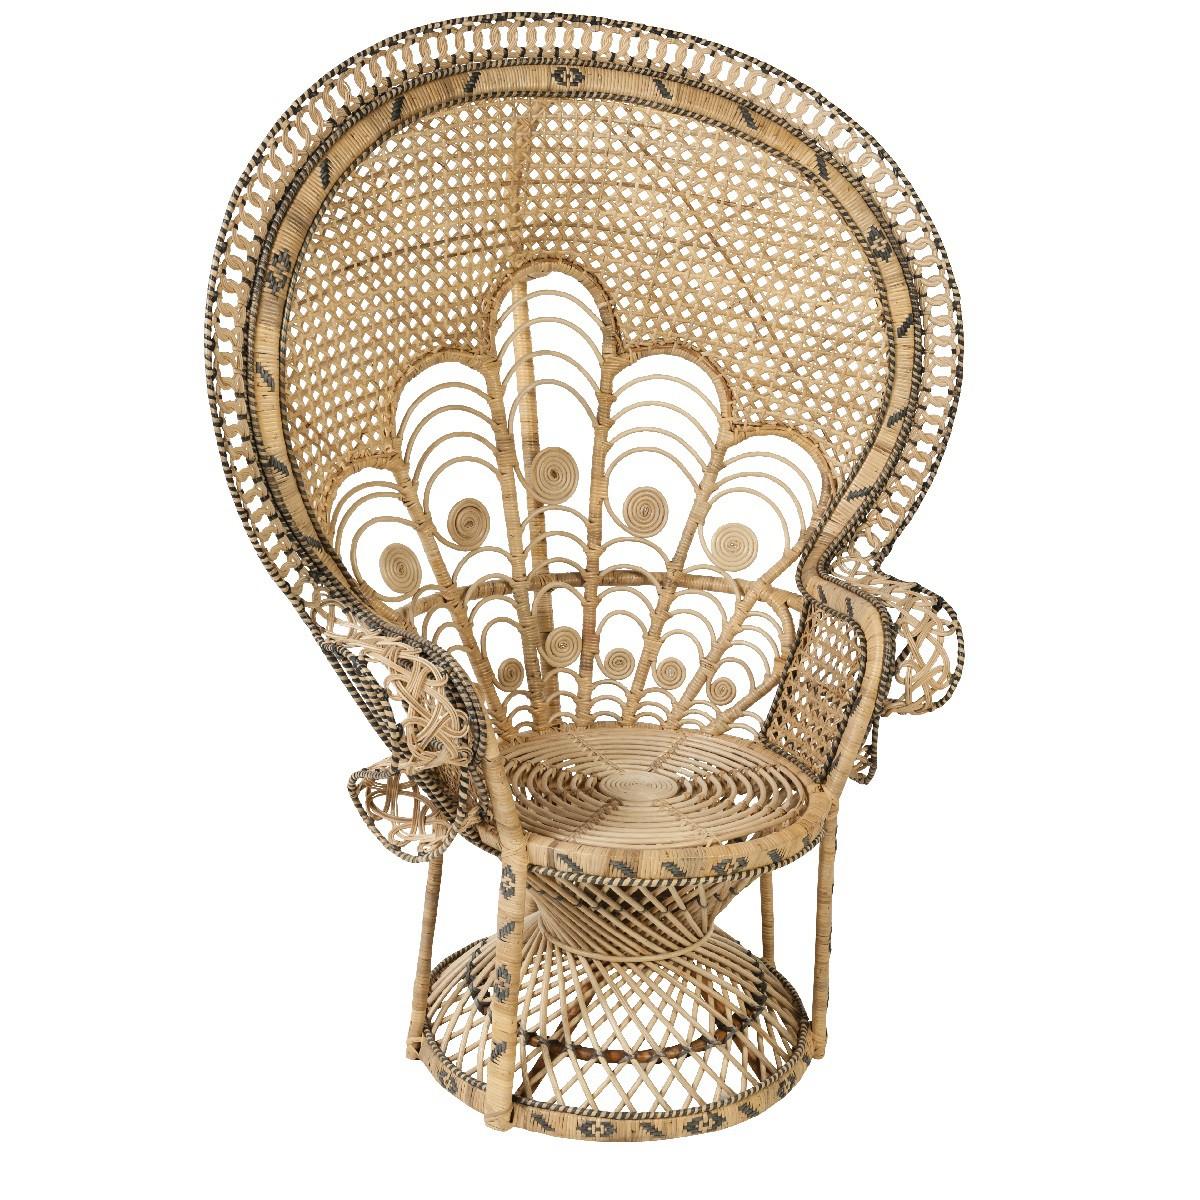 fauteuil rotin emmanuelle motif paon Résultat Supérieur 50 Luxe Fauteuil En Rotin Photographie 2017 Sjd8